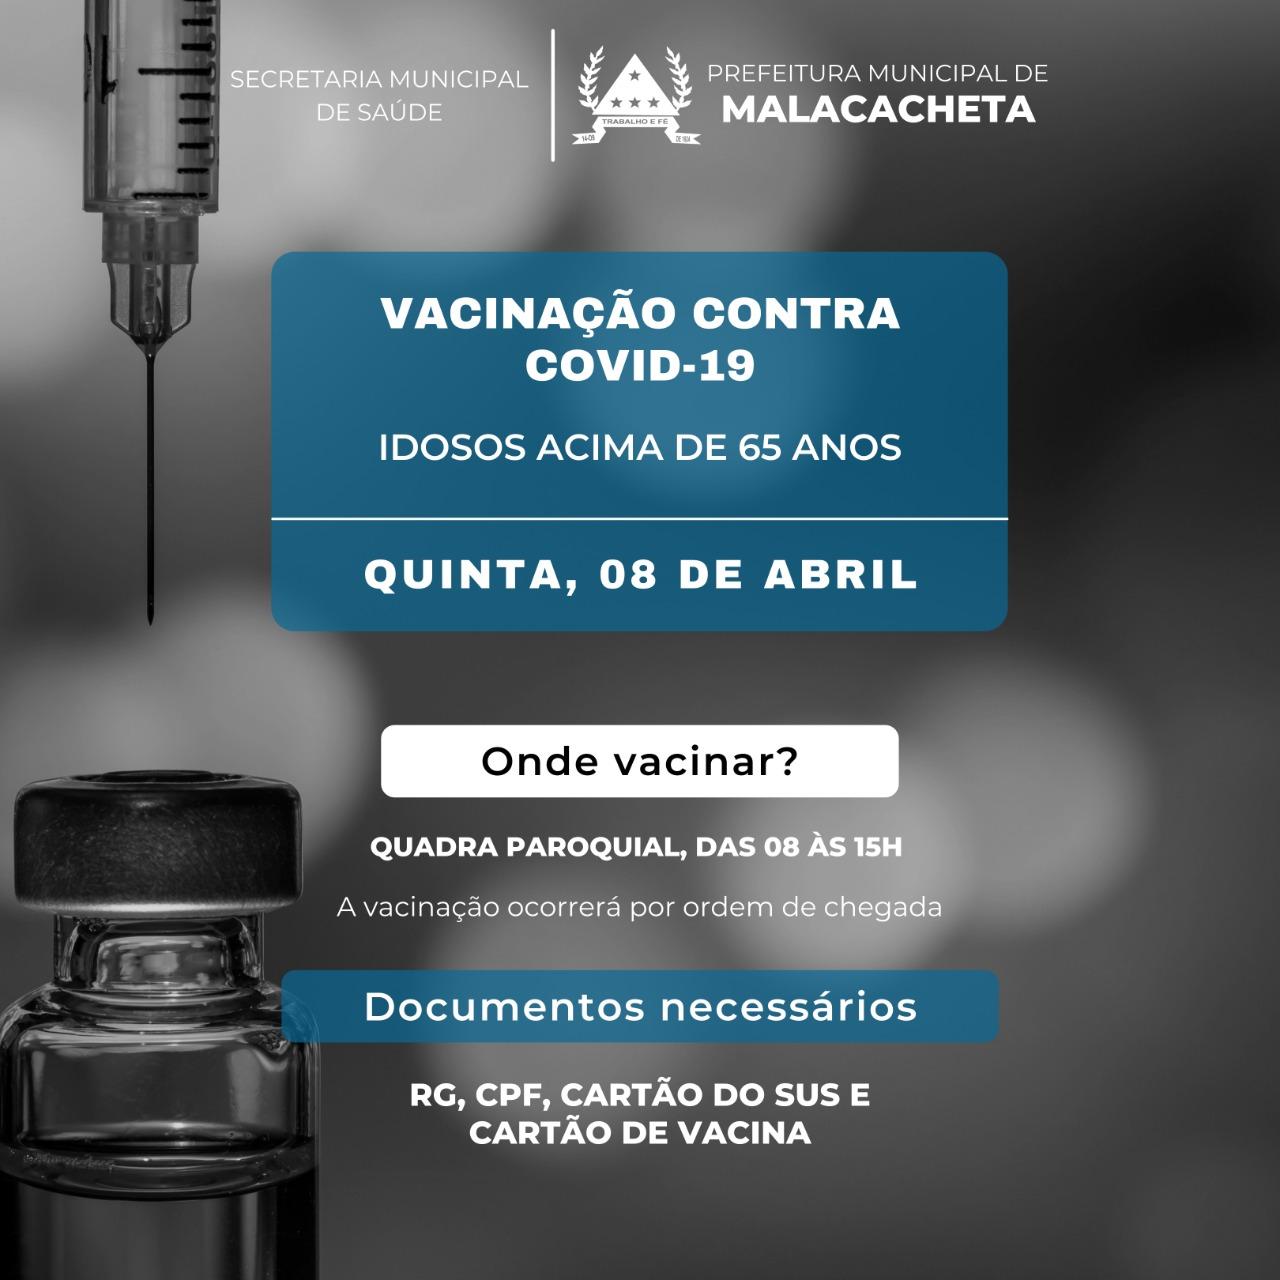 VACINAÇÃO CONTRA COVID-19 DE IDOSOS ACIMA DE 65 ANOS